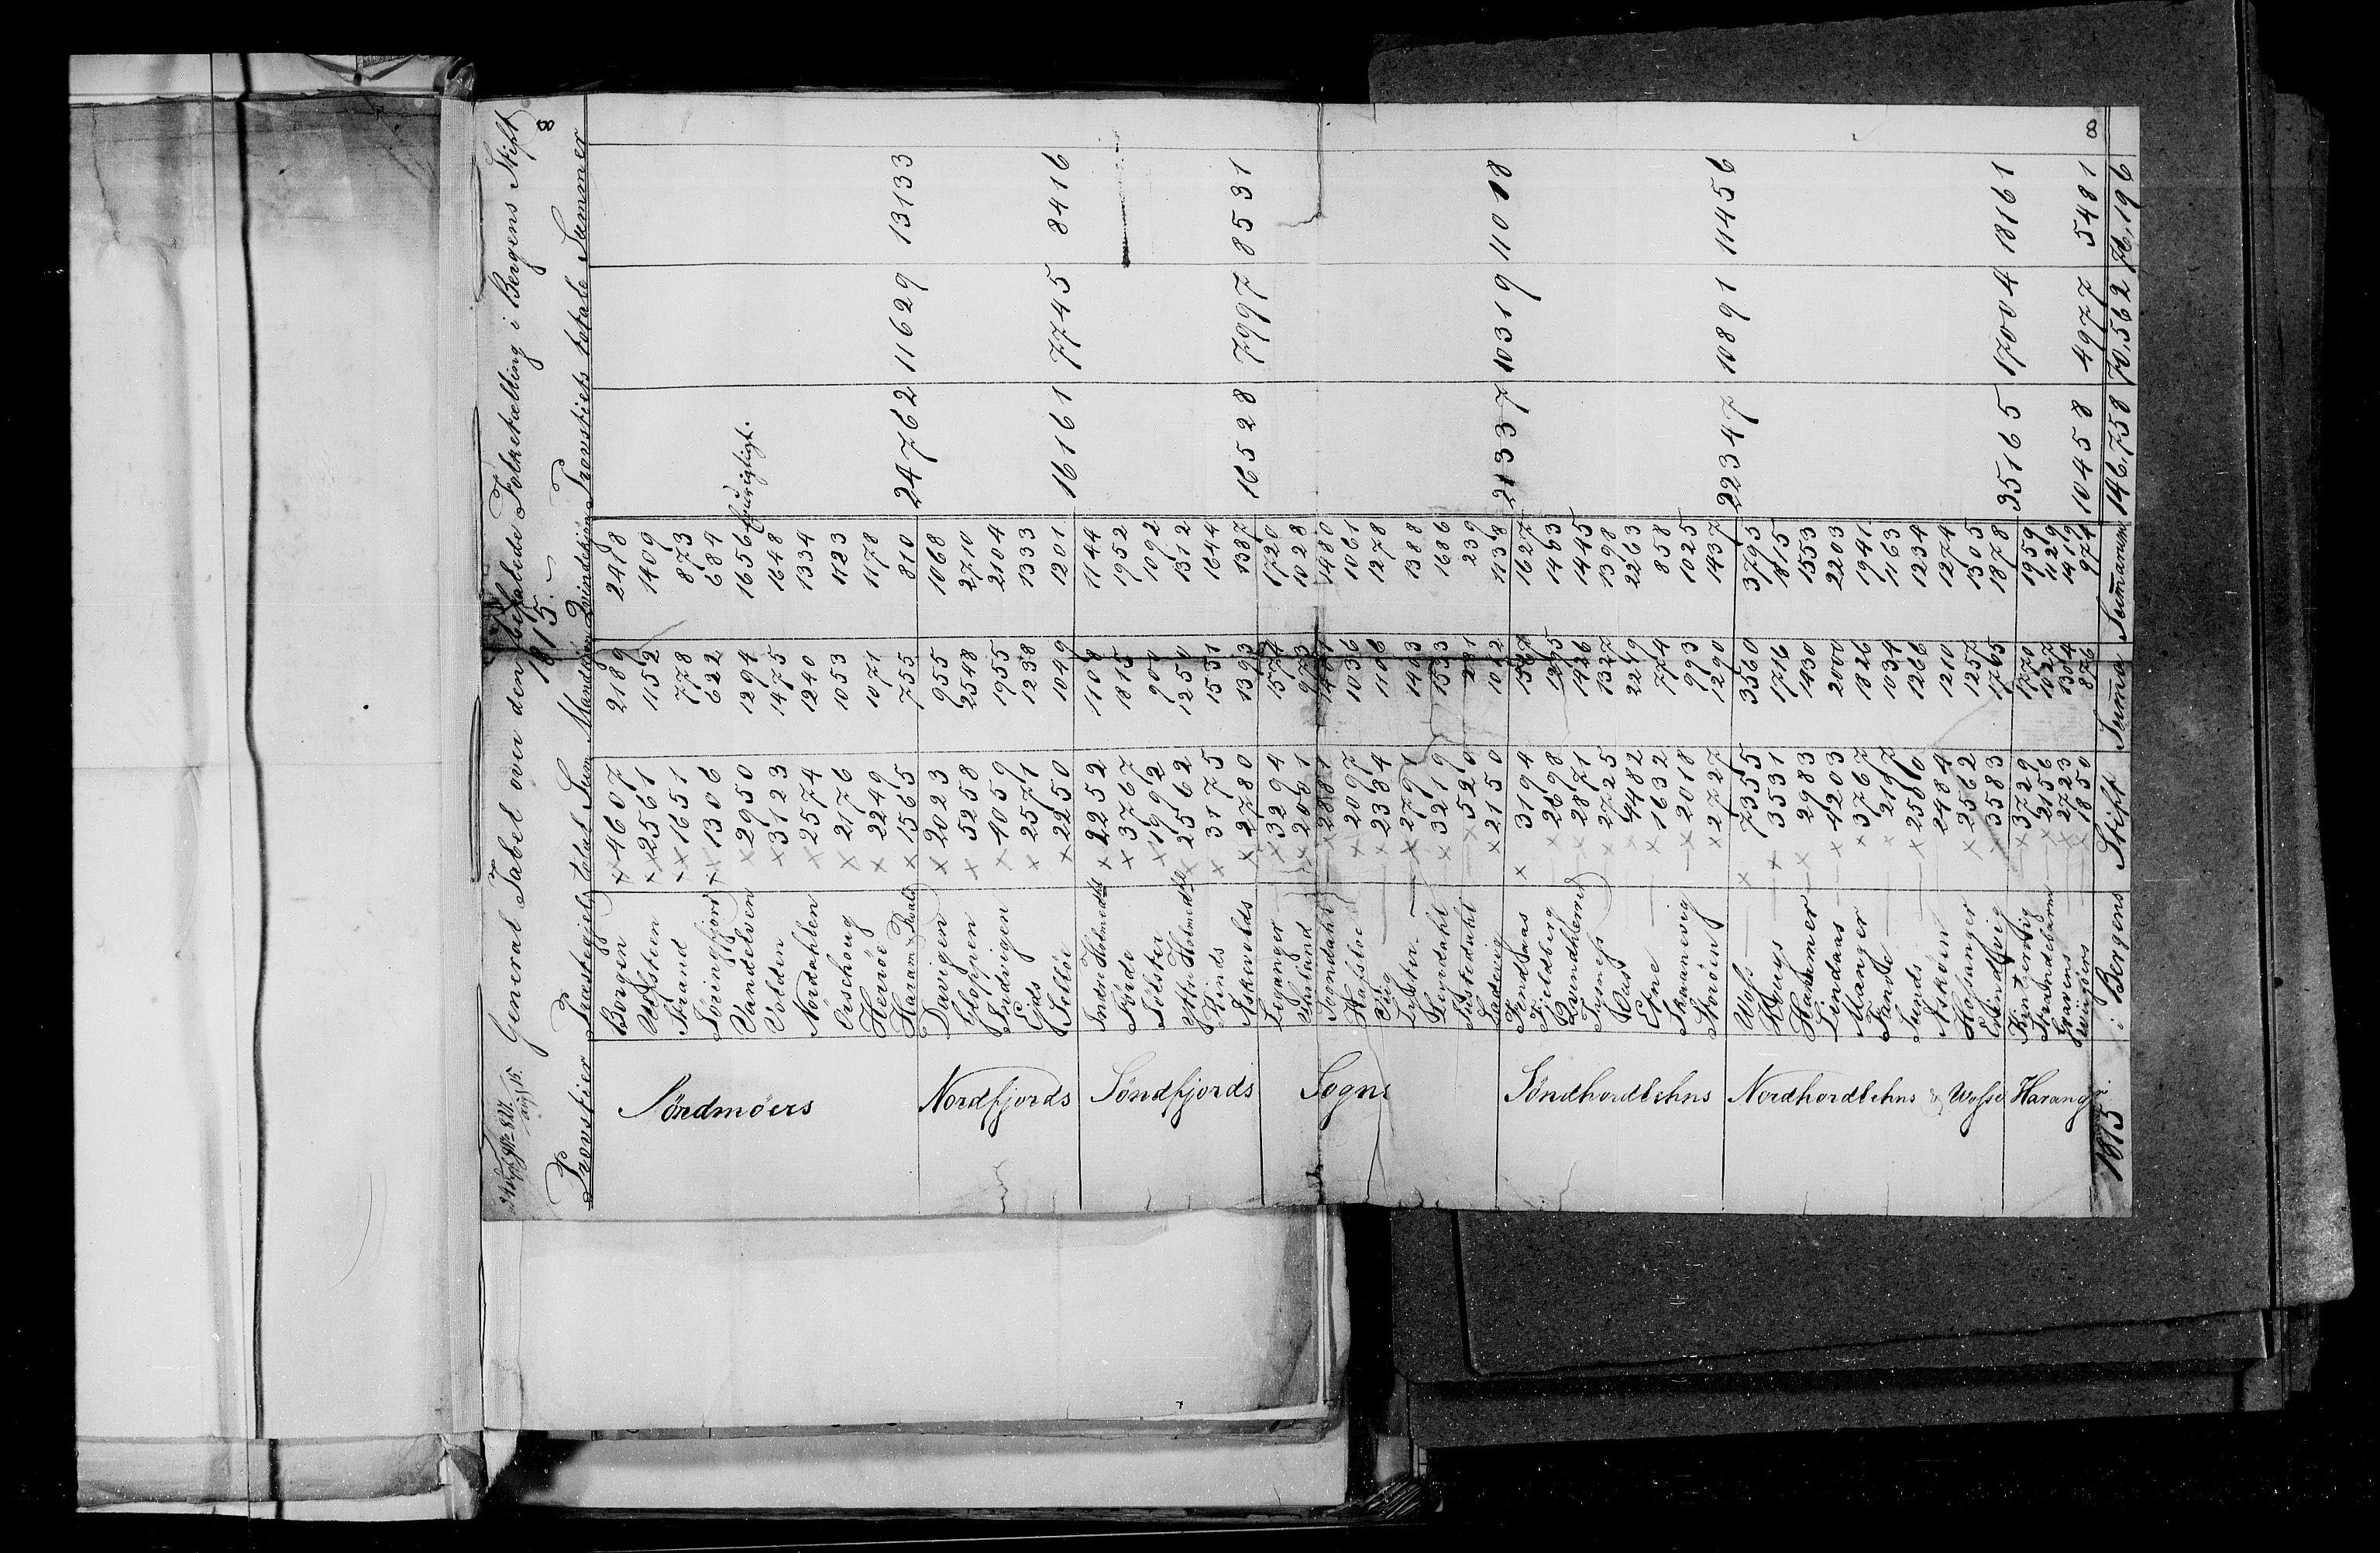 RA, Folketellingen 1815, bind 2: Bergen stift og Trondheim stift, 1815, s. 8